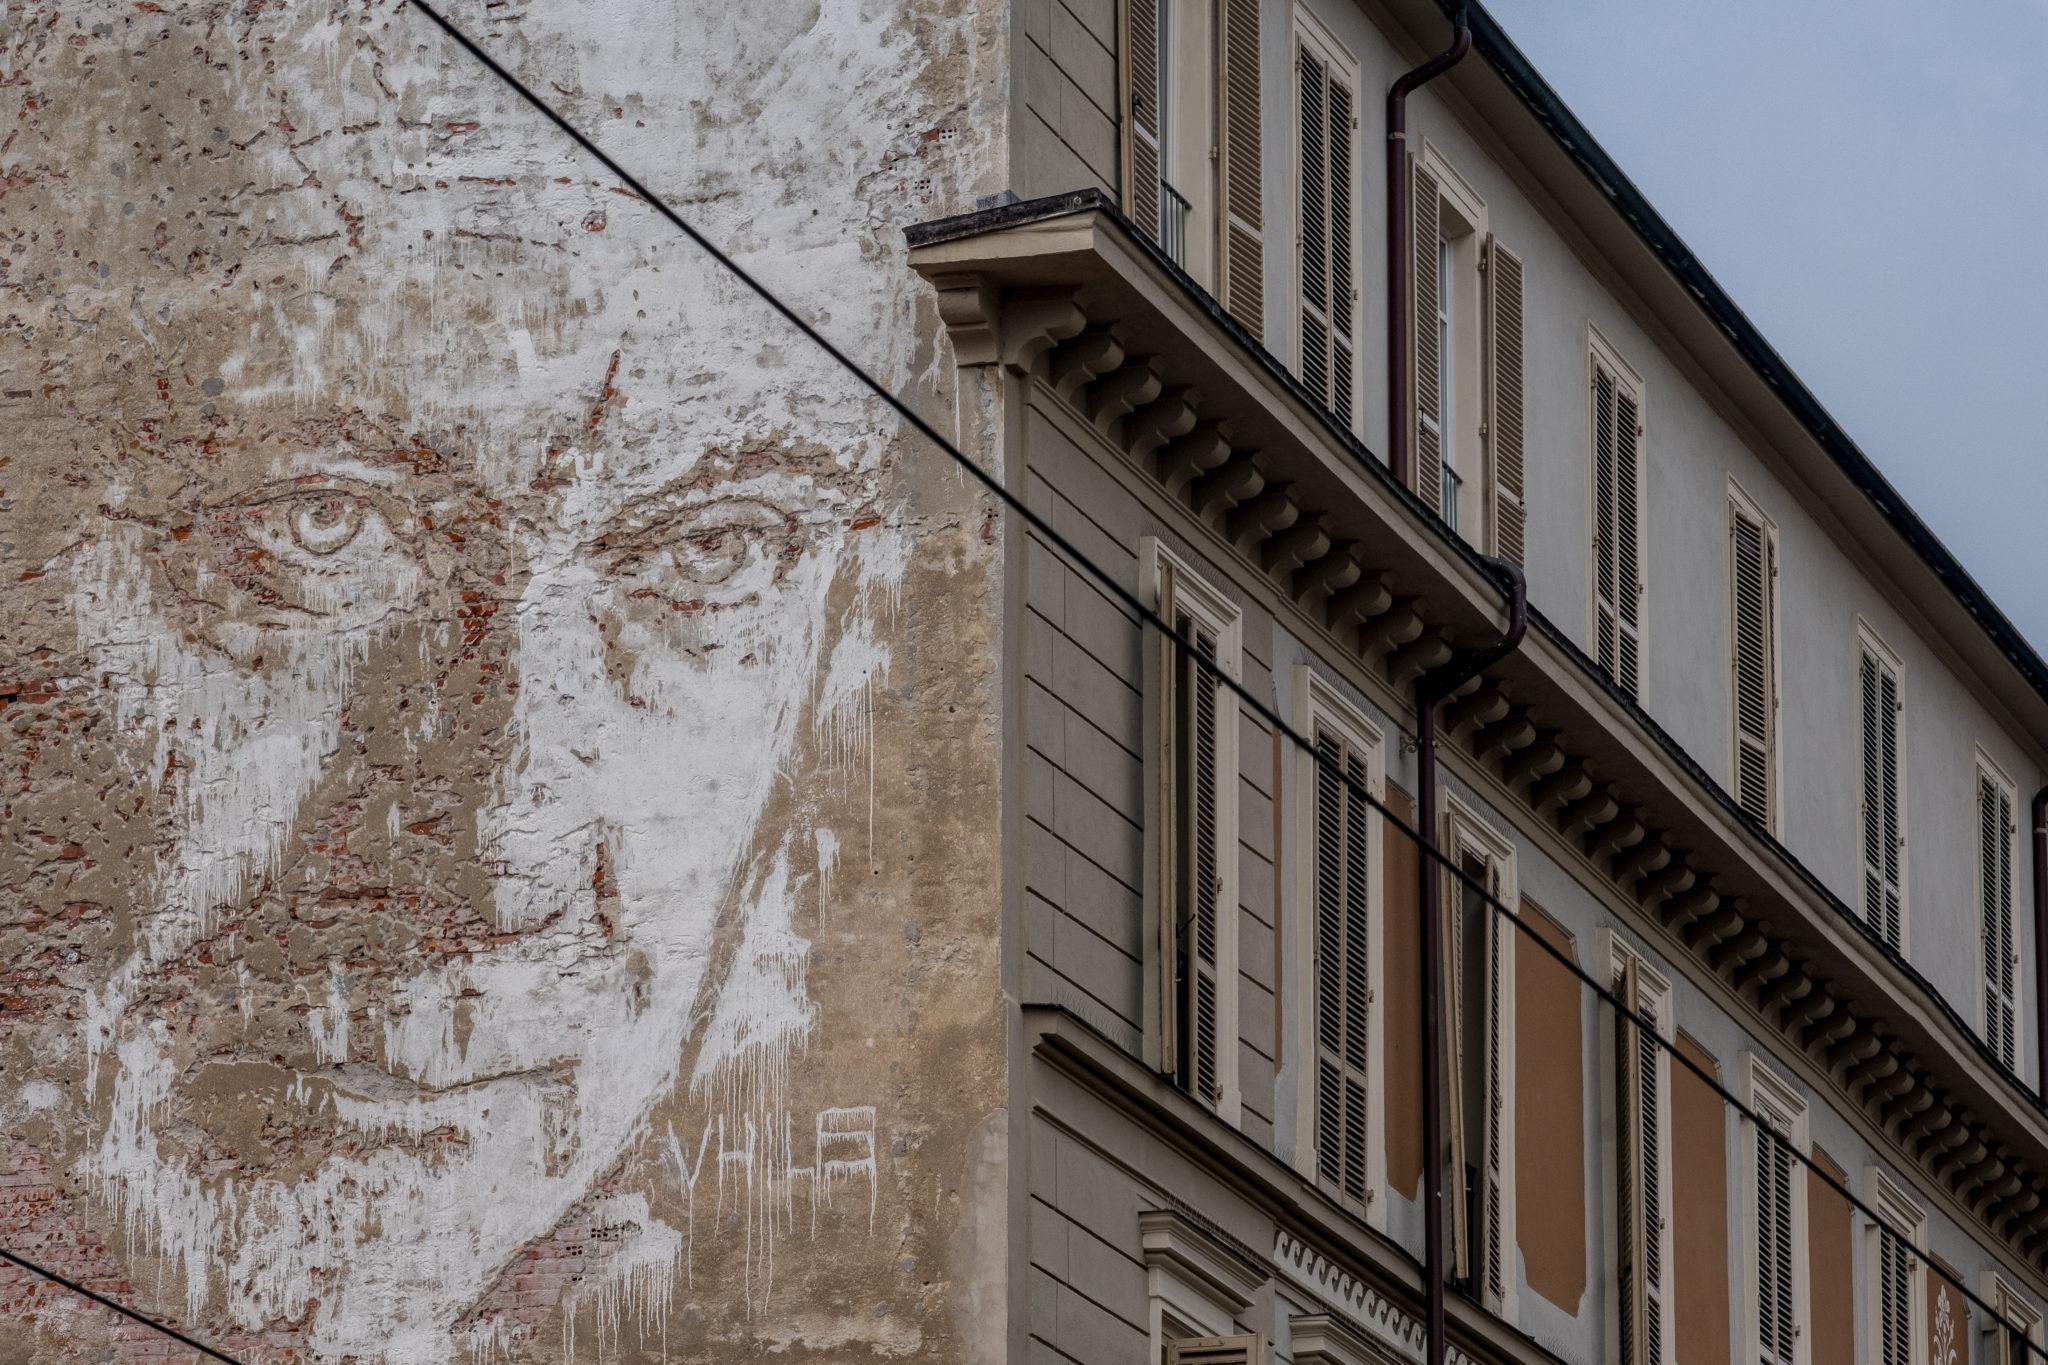 MurArte, progetto di street e urban art che fa rivivere i muri di Torino, compirà fra qualche mese 20 anni. Ecco un itinerario della città ridisegnata